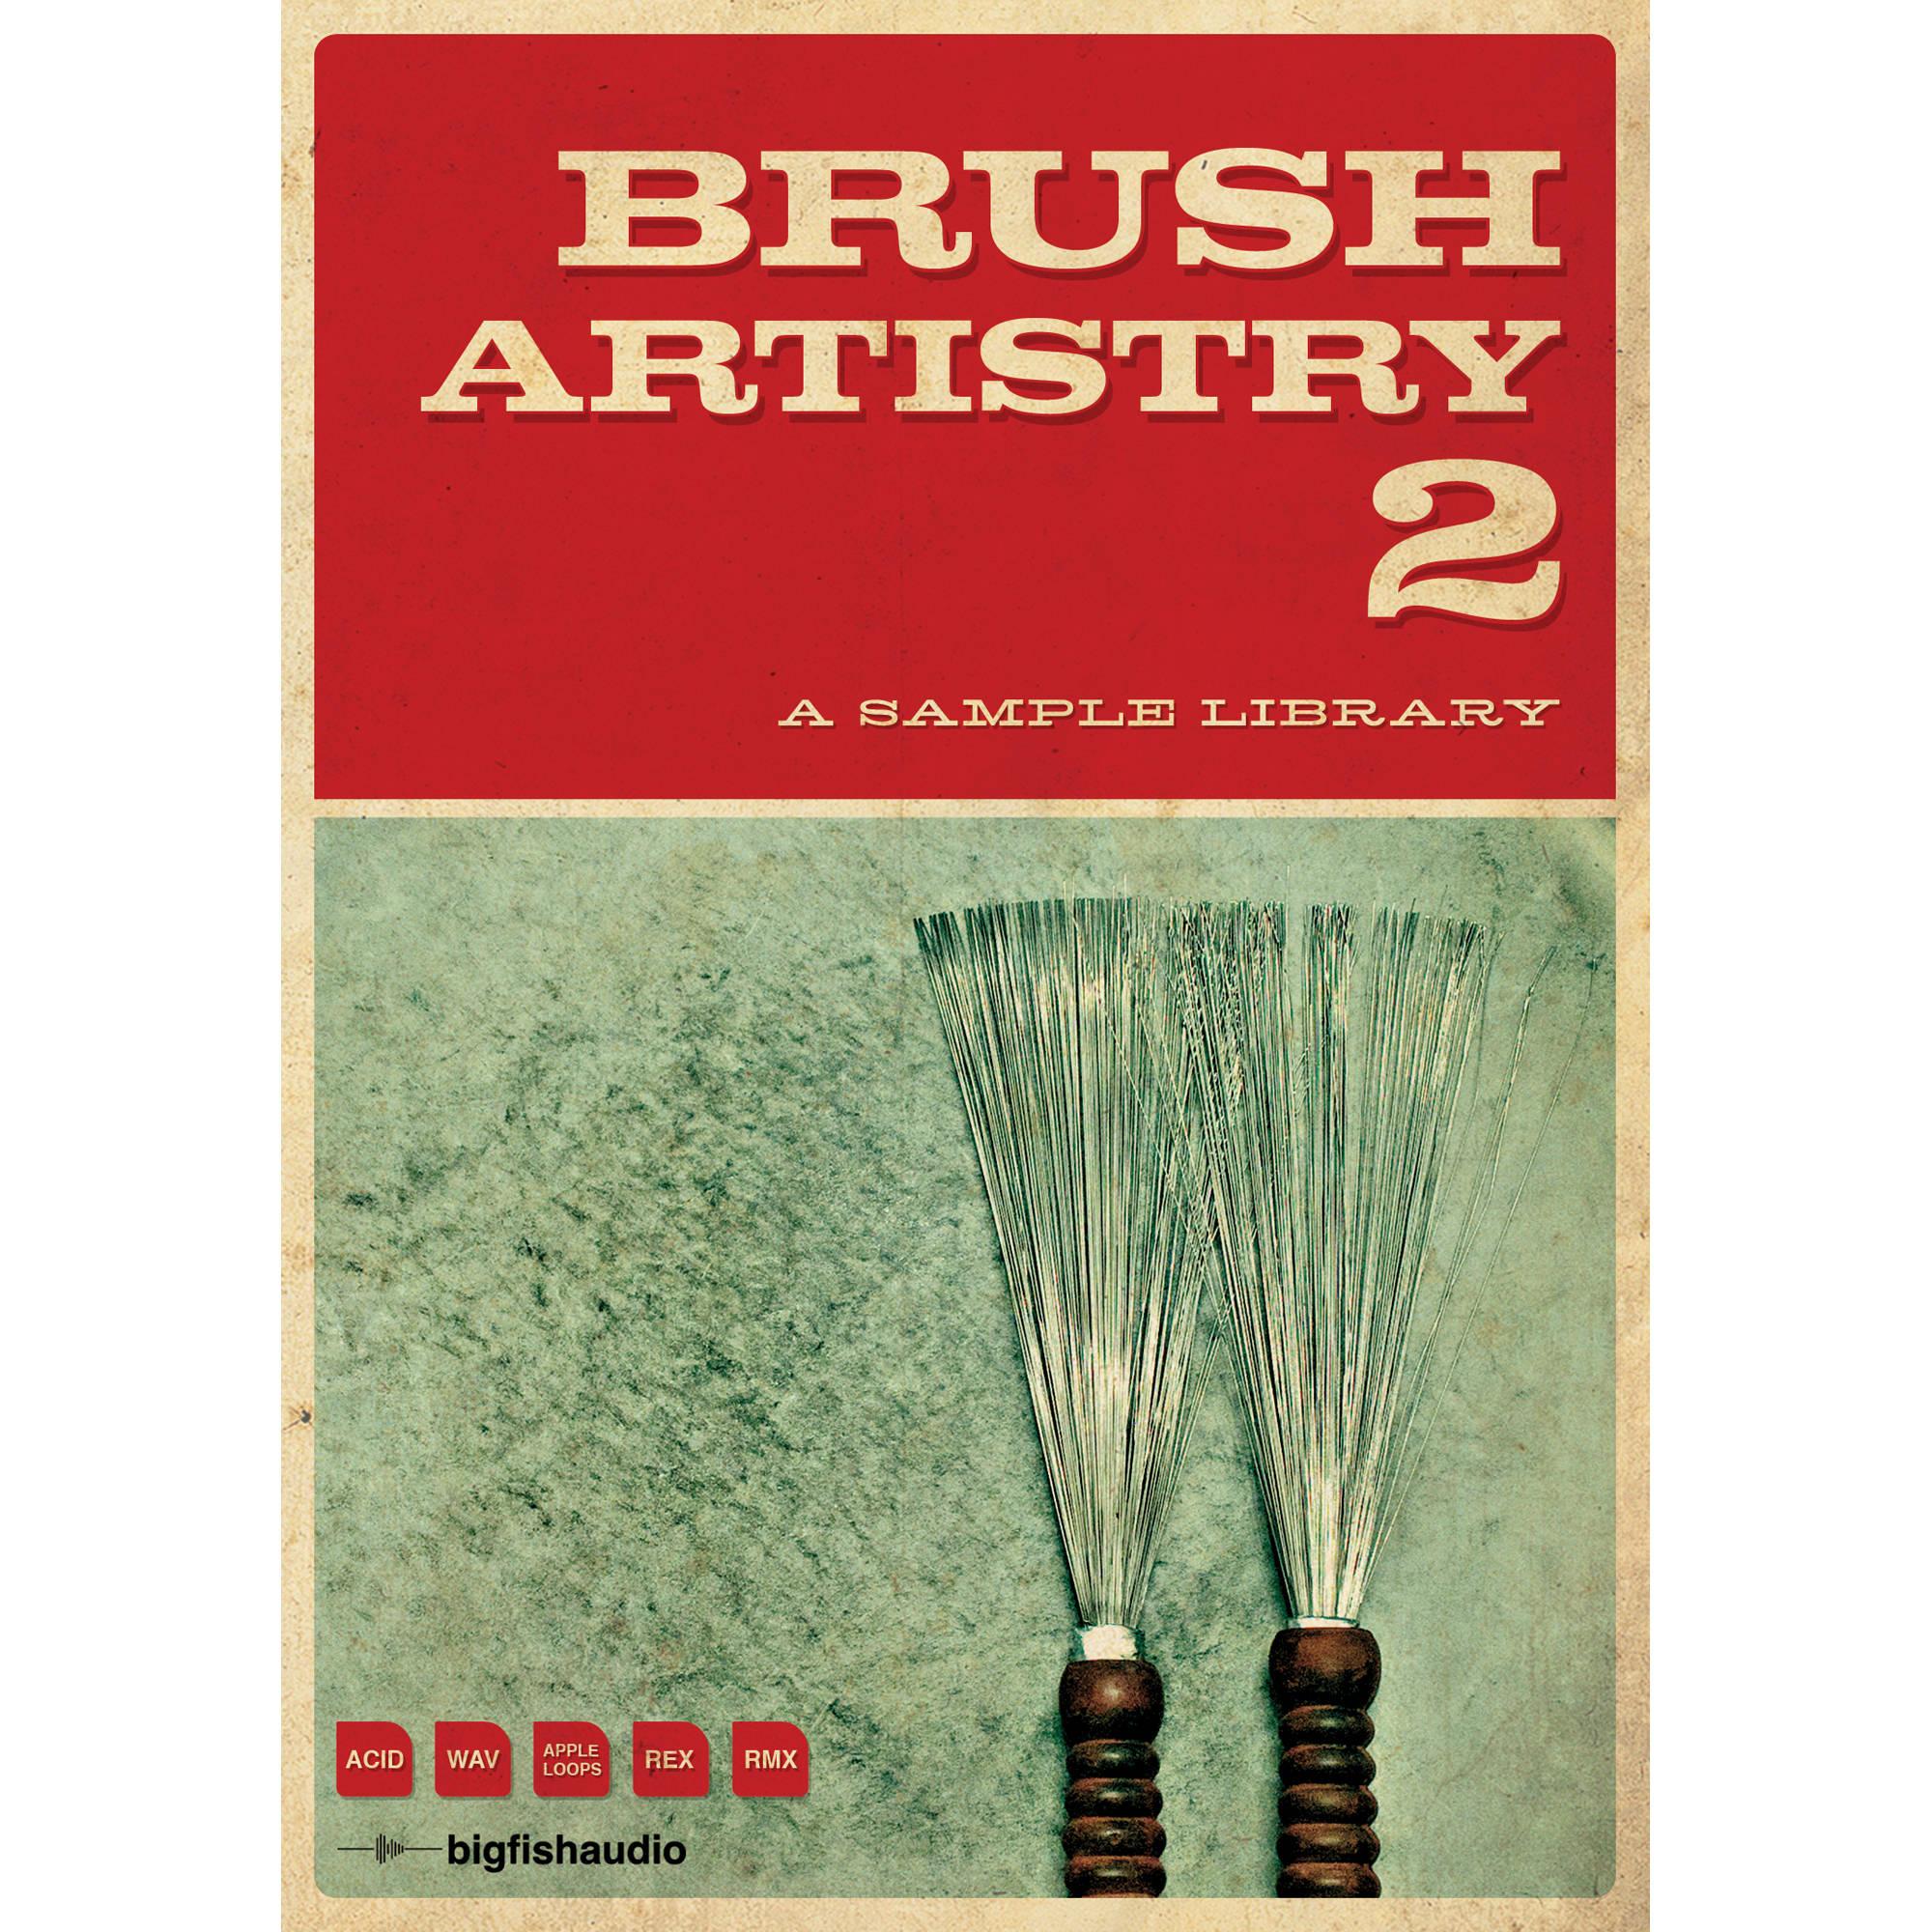 Big fish audio brush artistry 2 dvd brar2 orwxz b h photo for Big fish audio